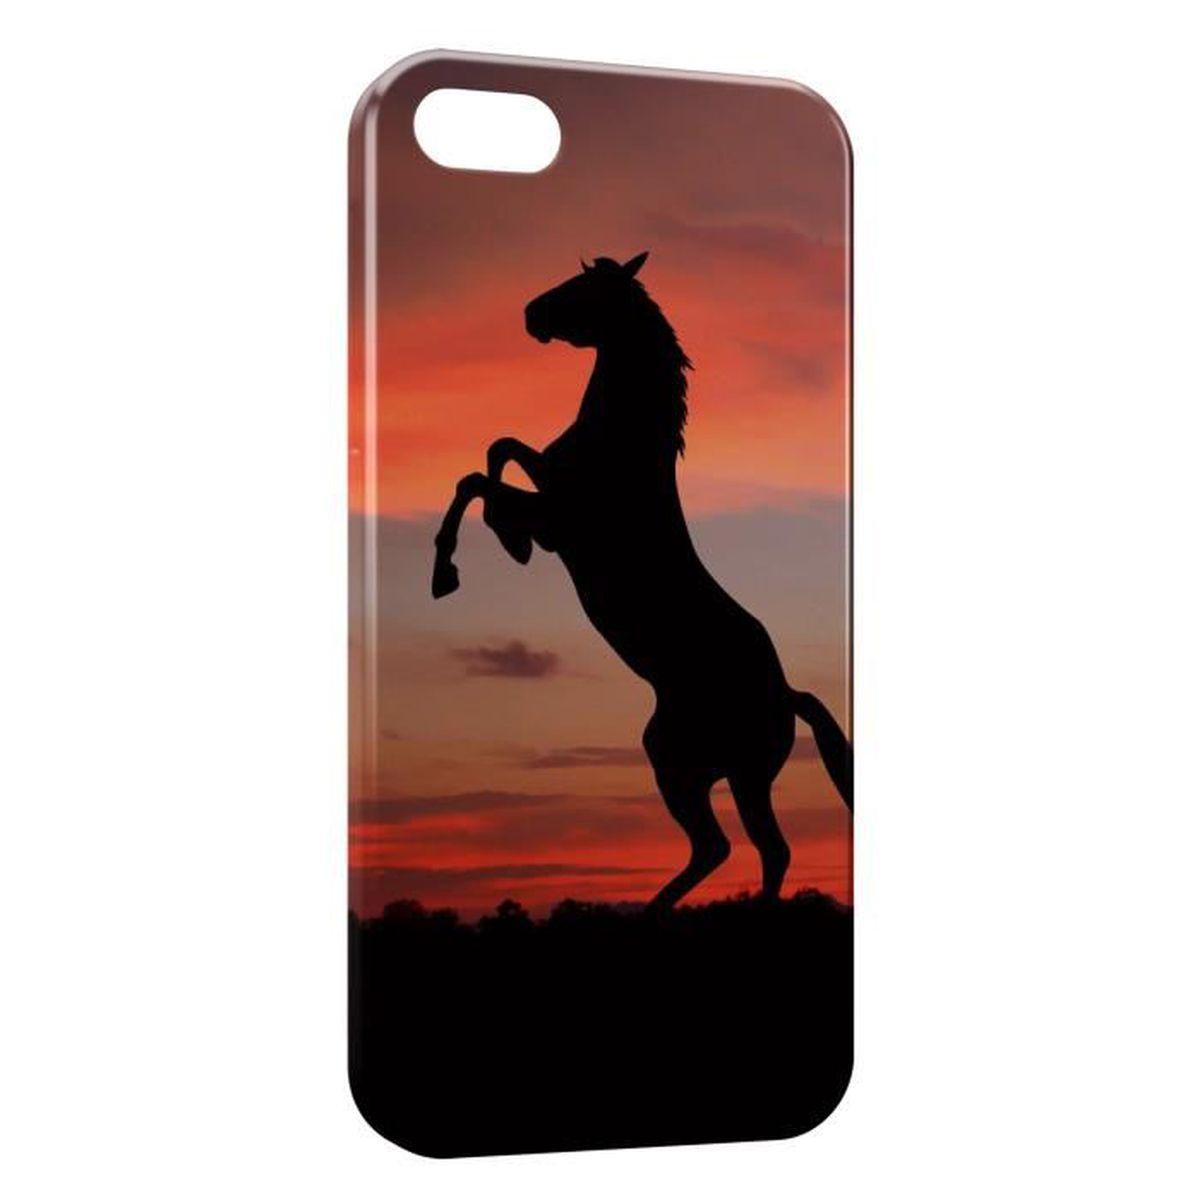 coque iphone 5c cheval cabre 2 sunset